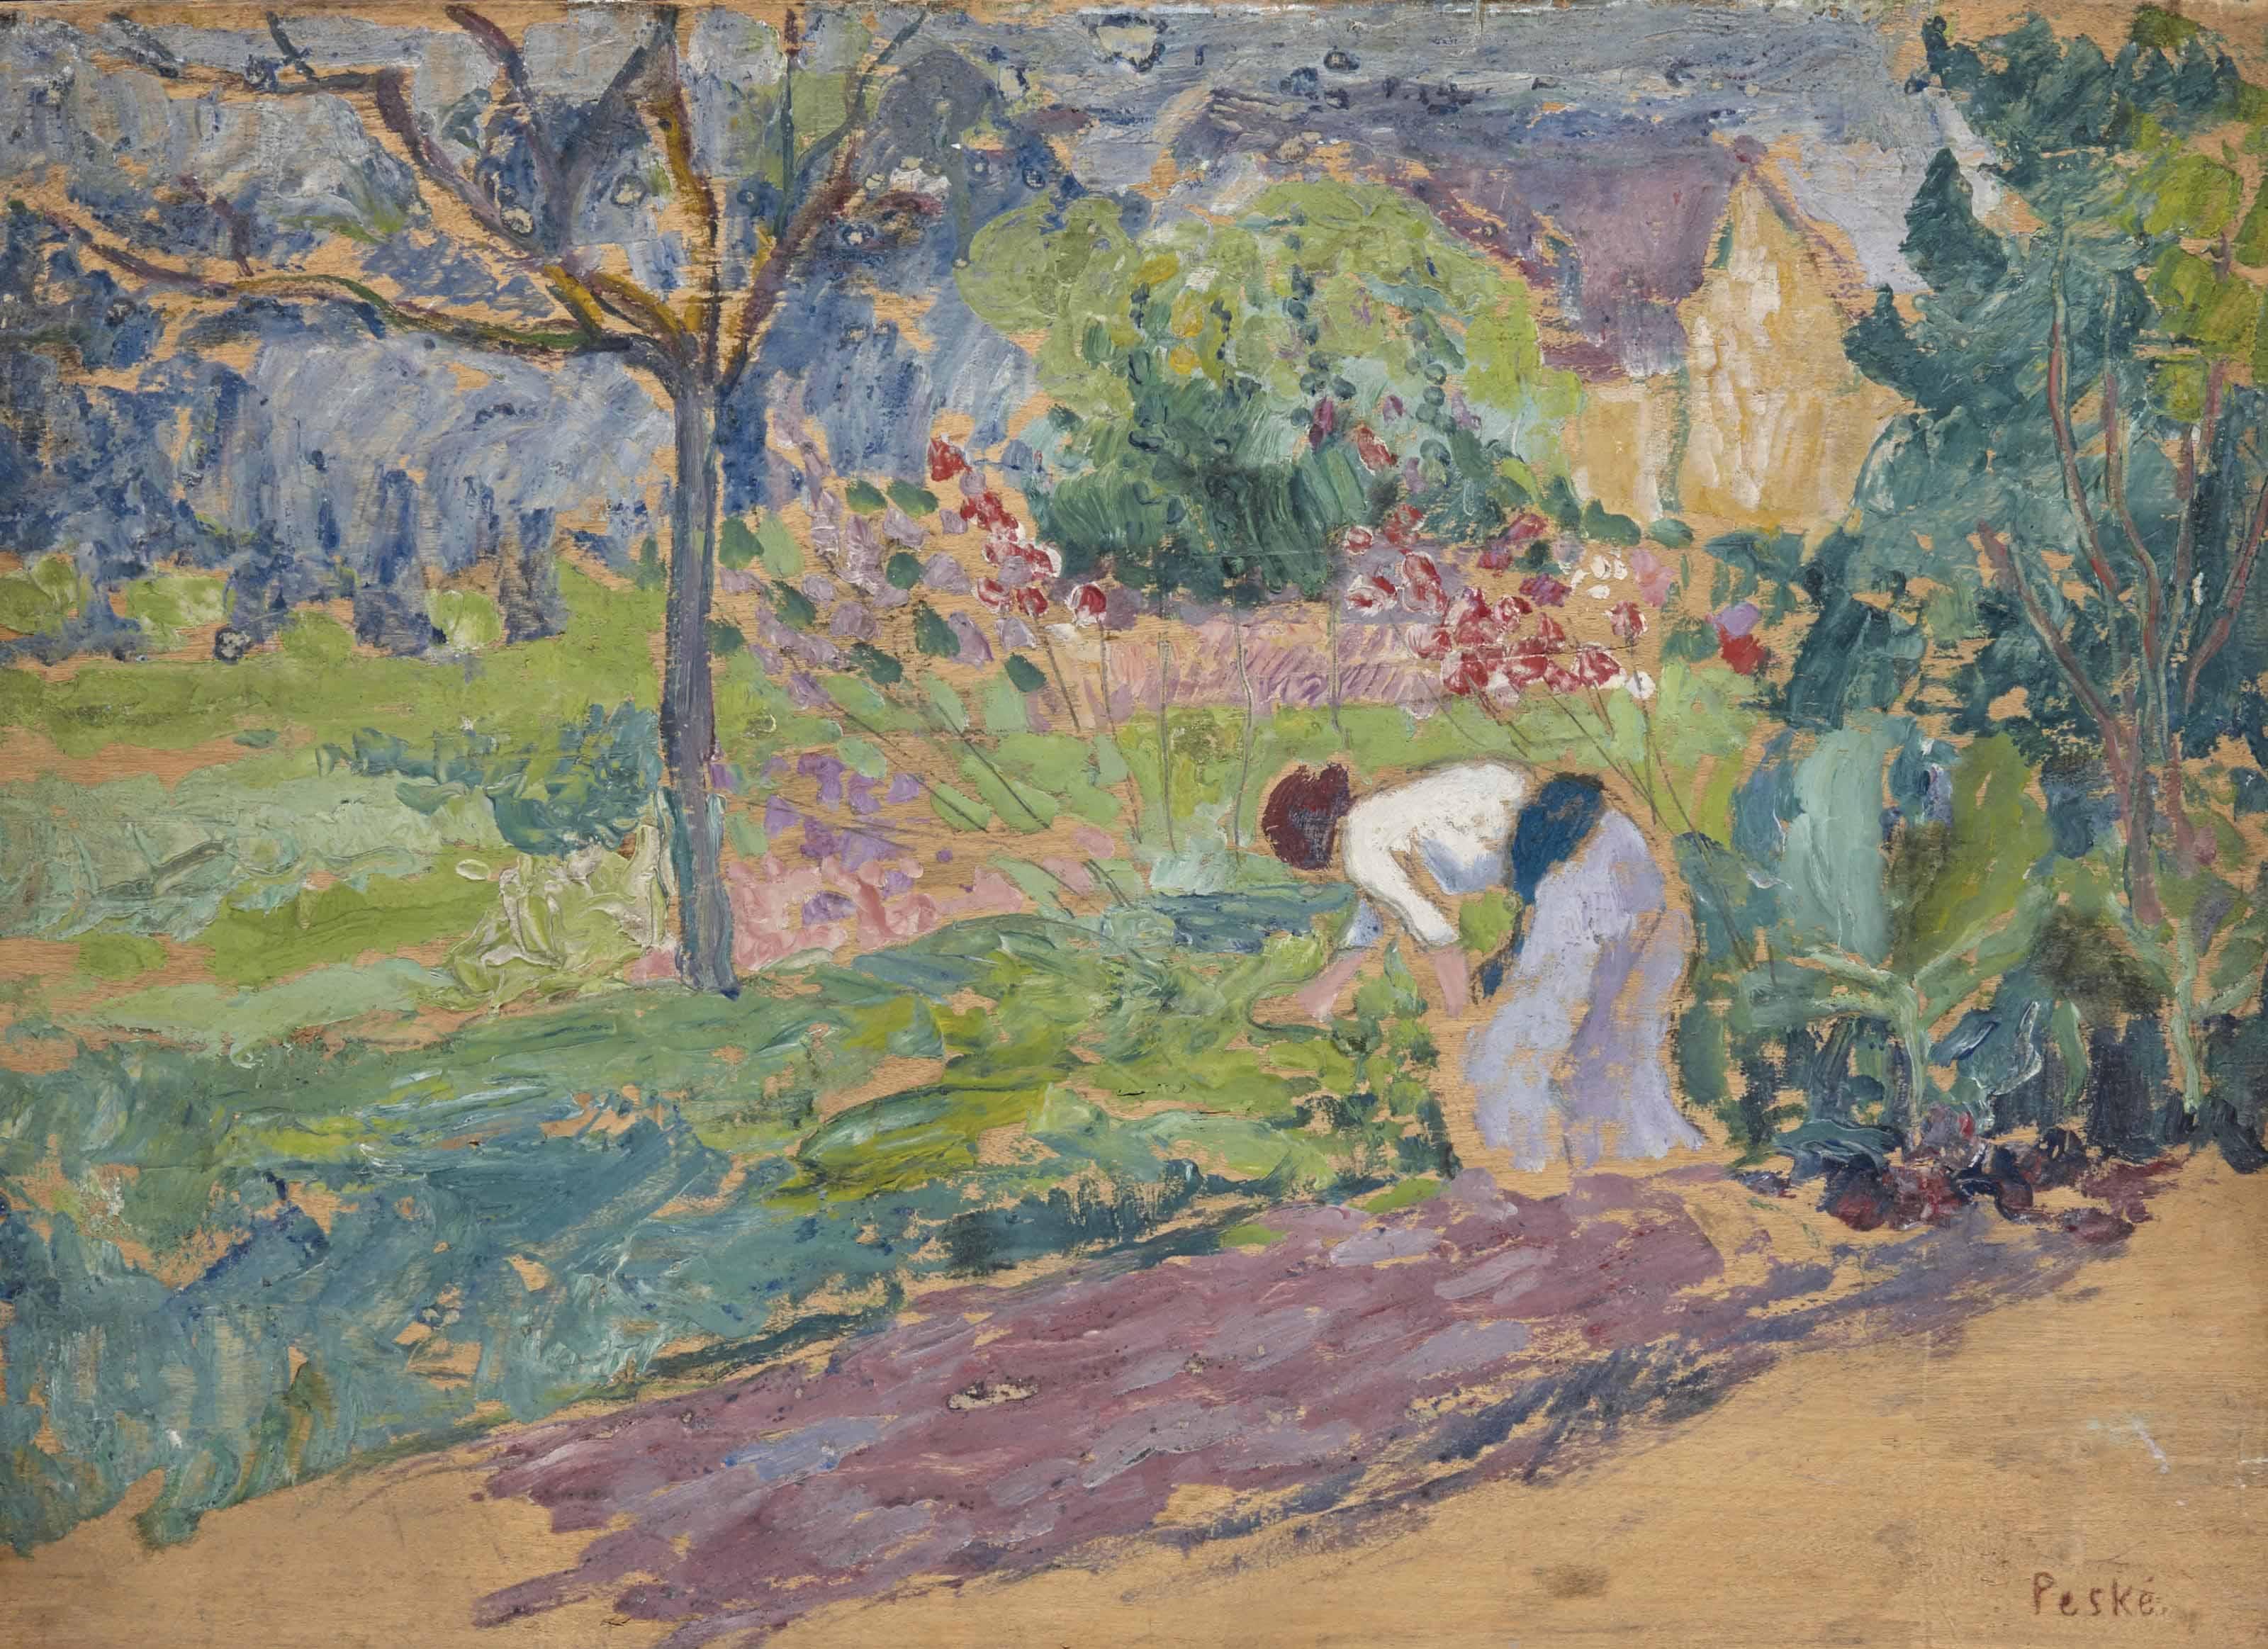 JEAN PESKÉ (1870-1949)